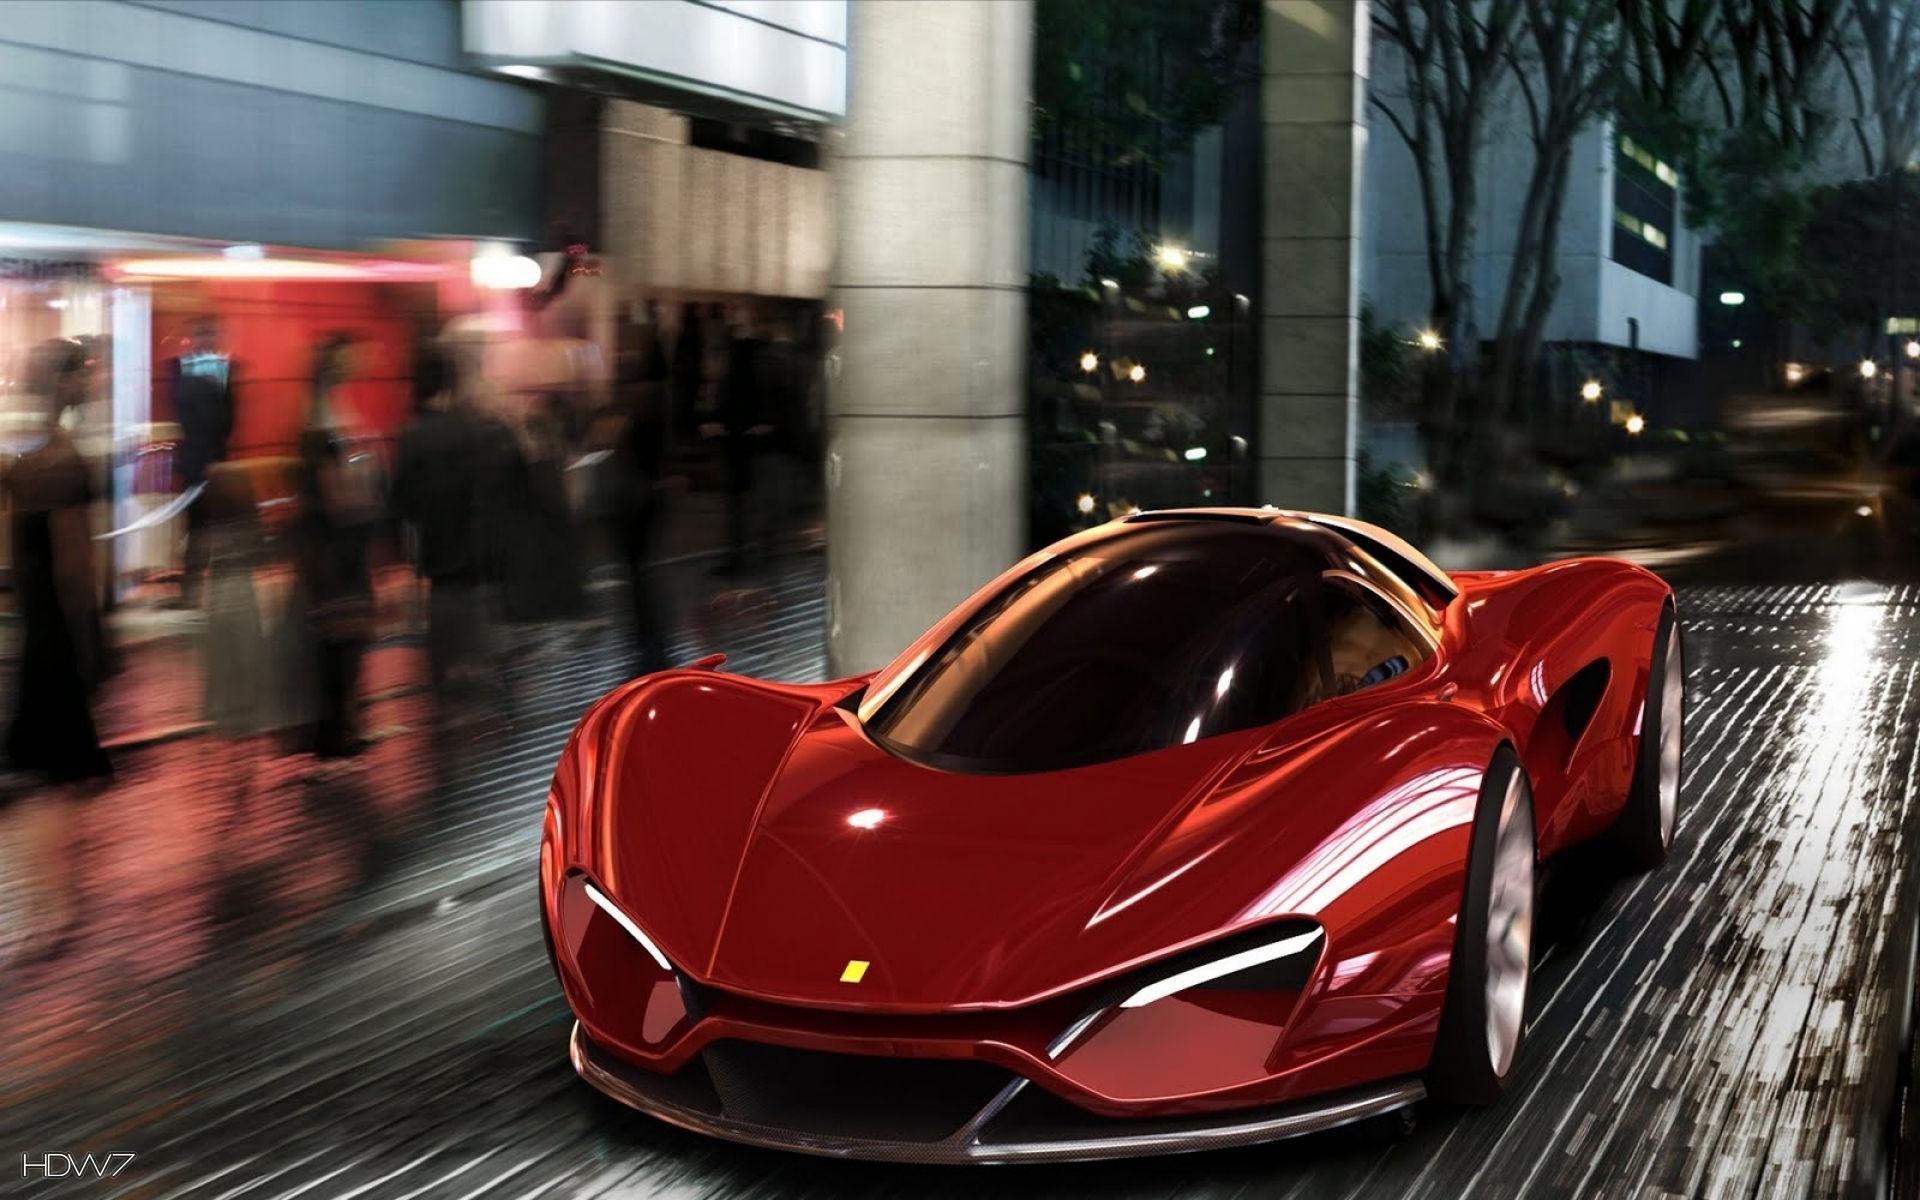 Supercar Concept Cars Ferrari Xezri Wallpaper 1920x1200 1401186 Wallpaperup